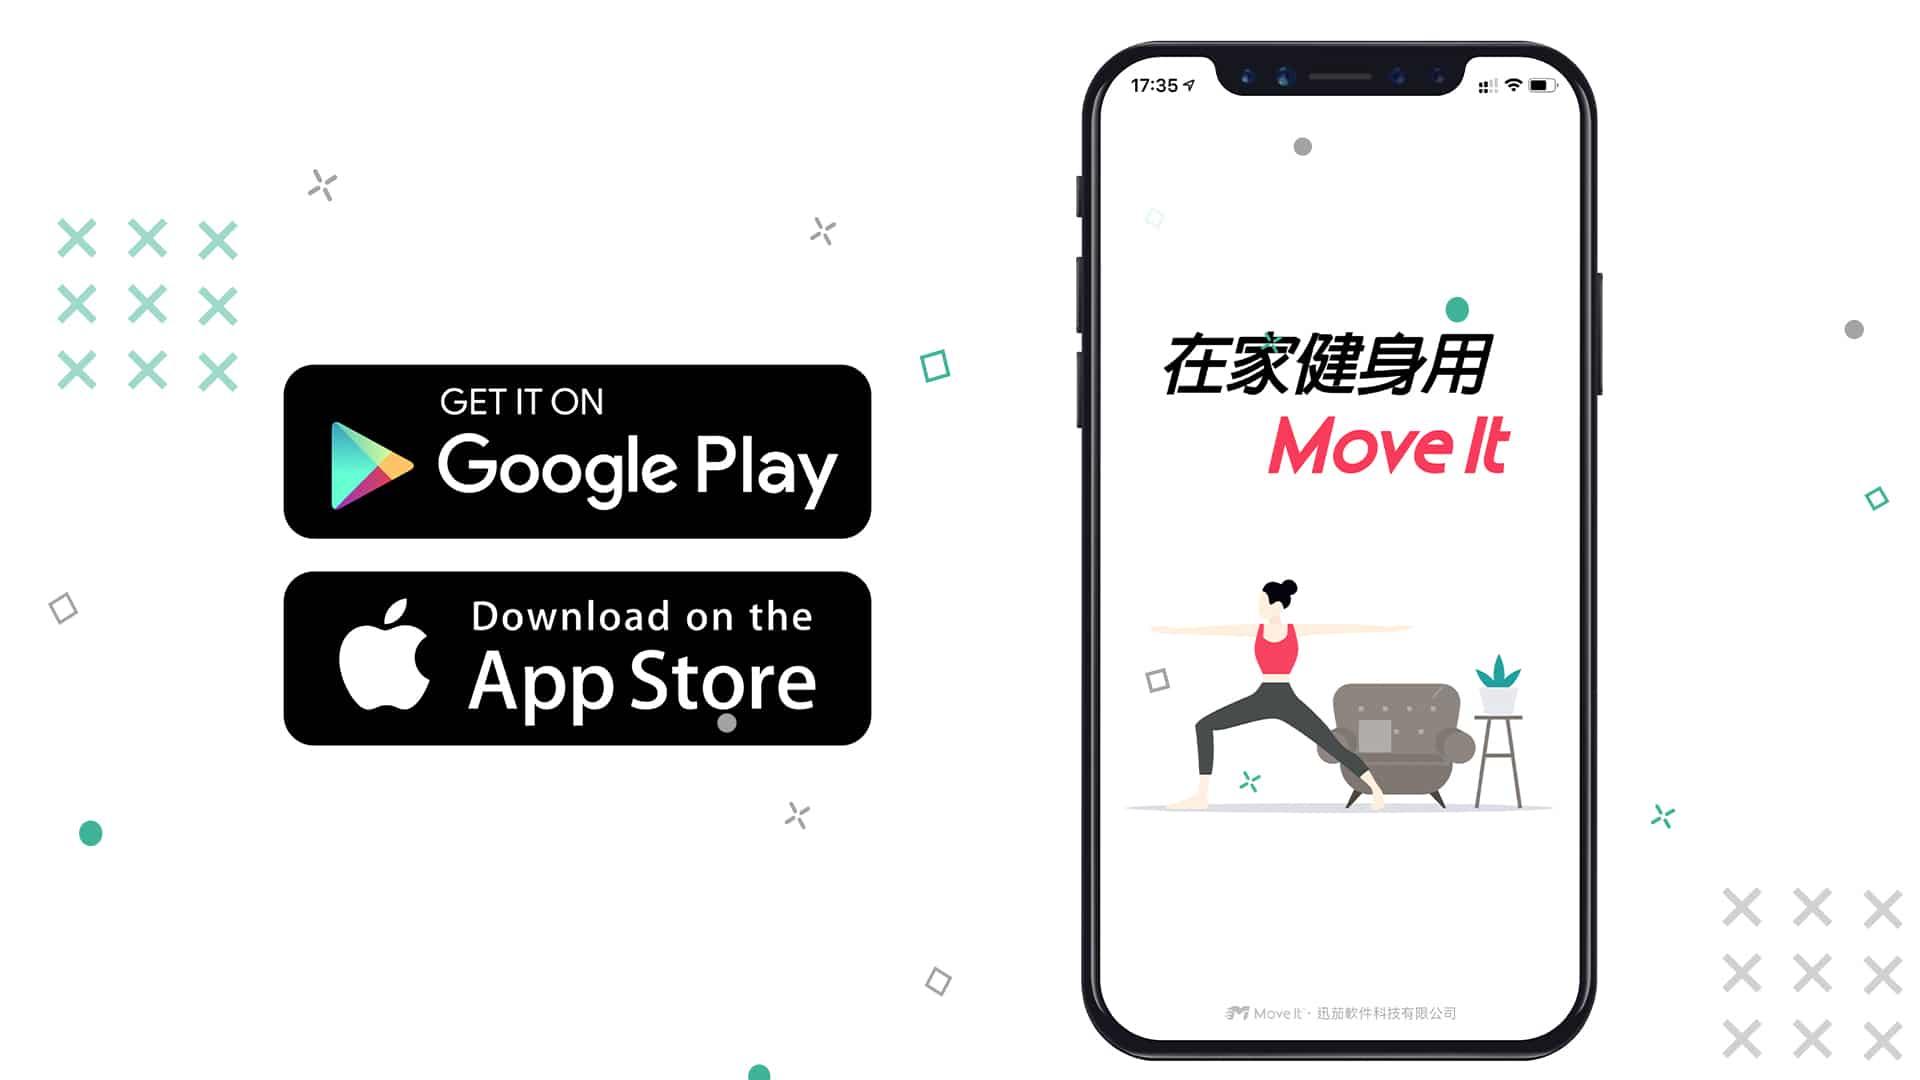 下載App智能跳繩-無繩跳繩-跳繩減肥-飛揚商店-花式跳繩-跳繩買-繩飛揚VSHK